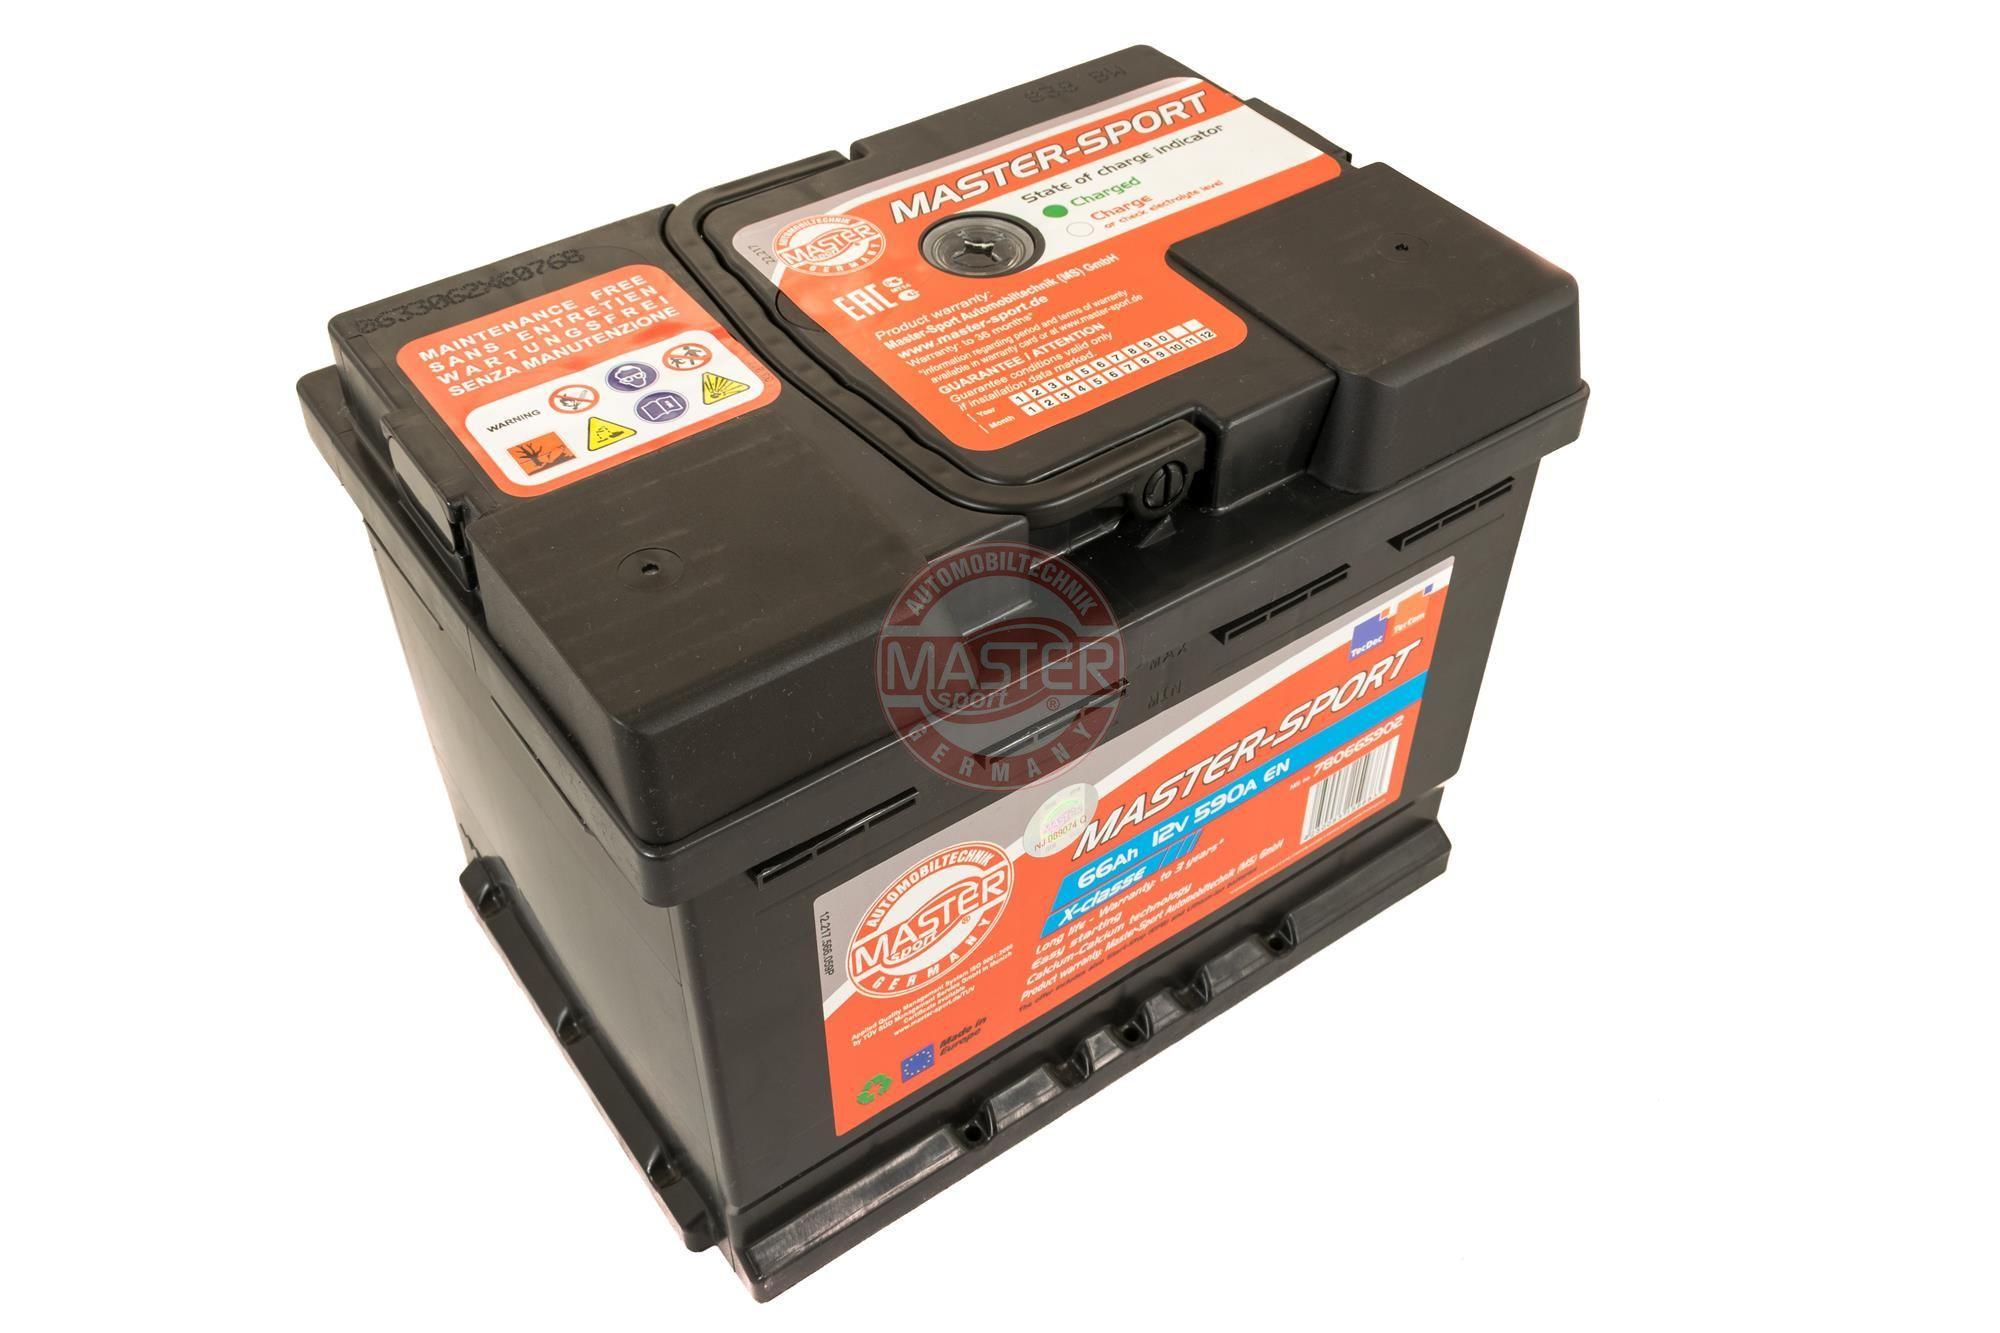 Starterbatterie 780665902 MASTER-SPORT 780665902 in Original Qualität